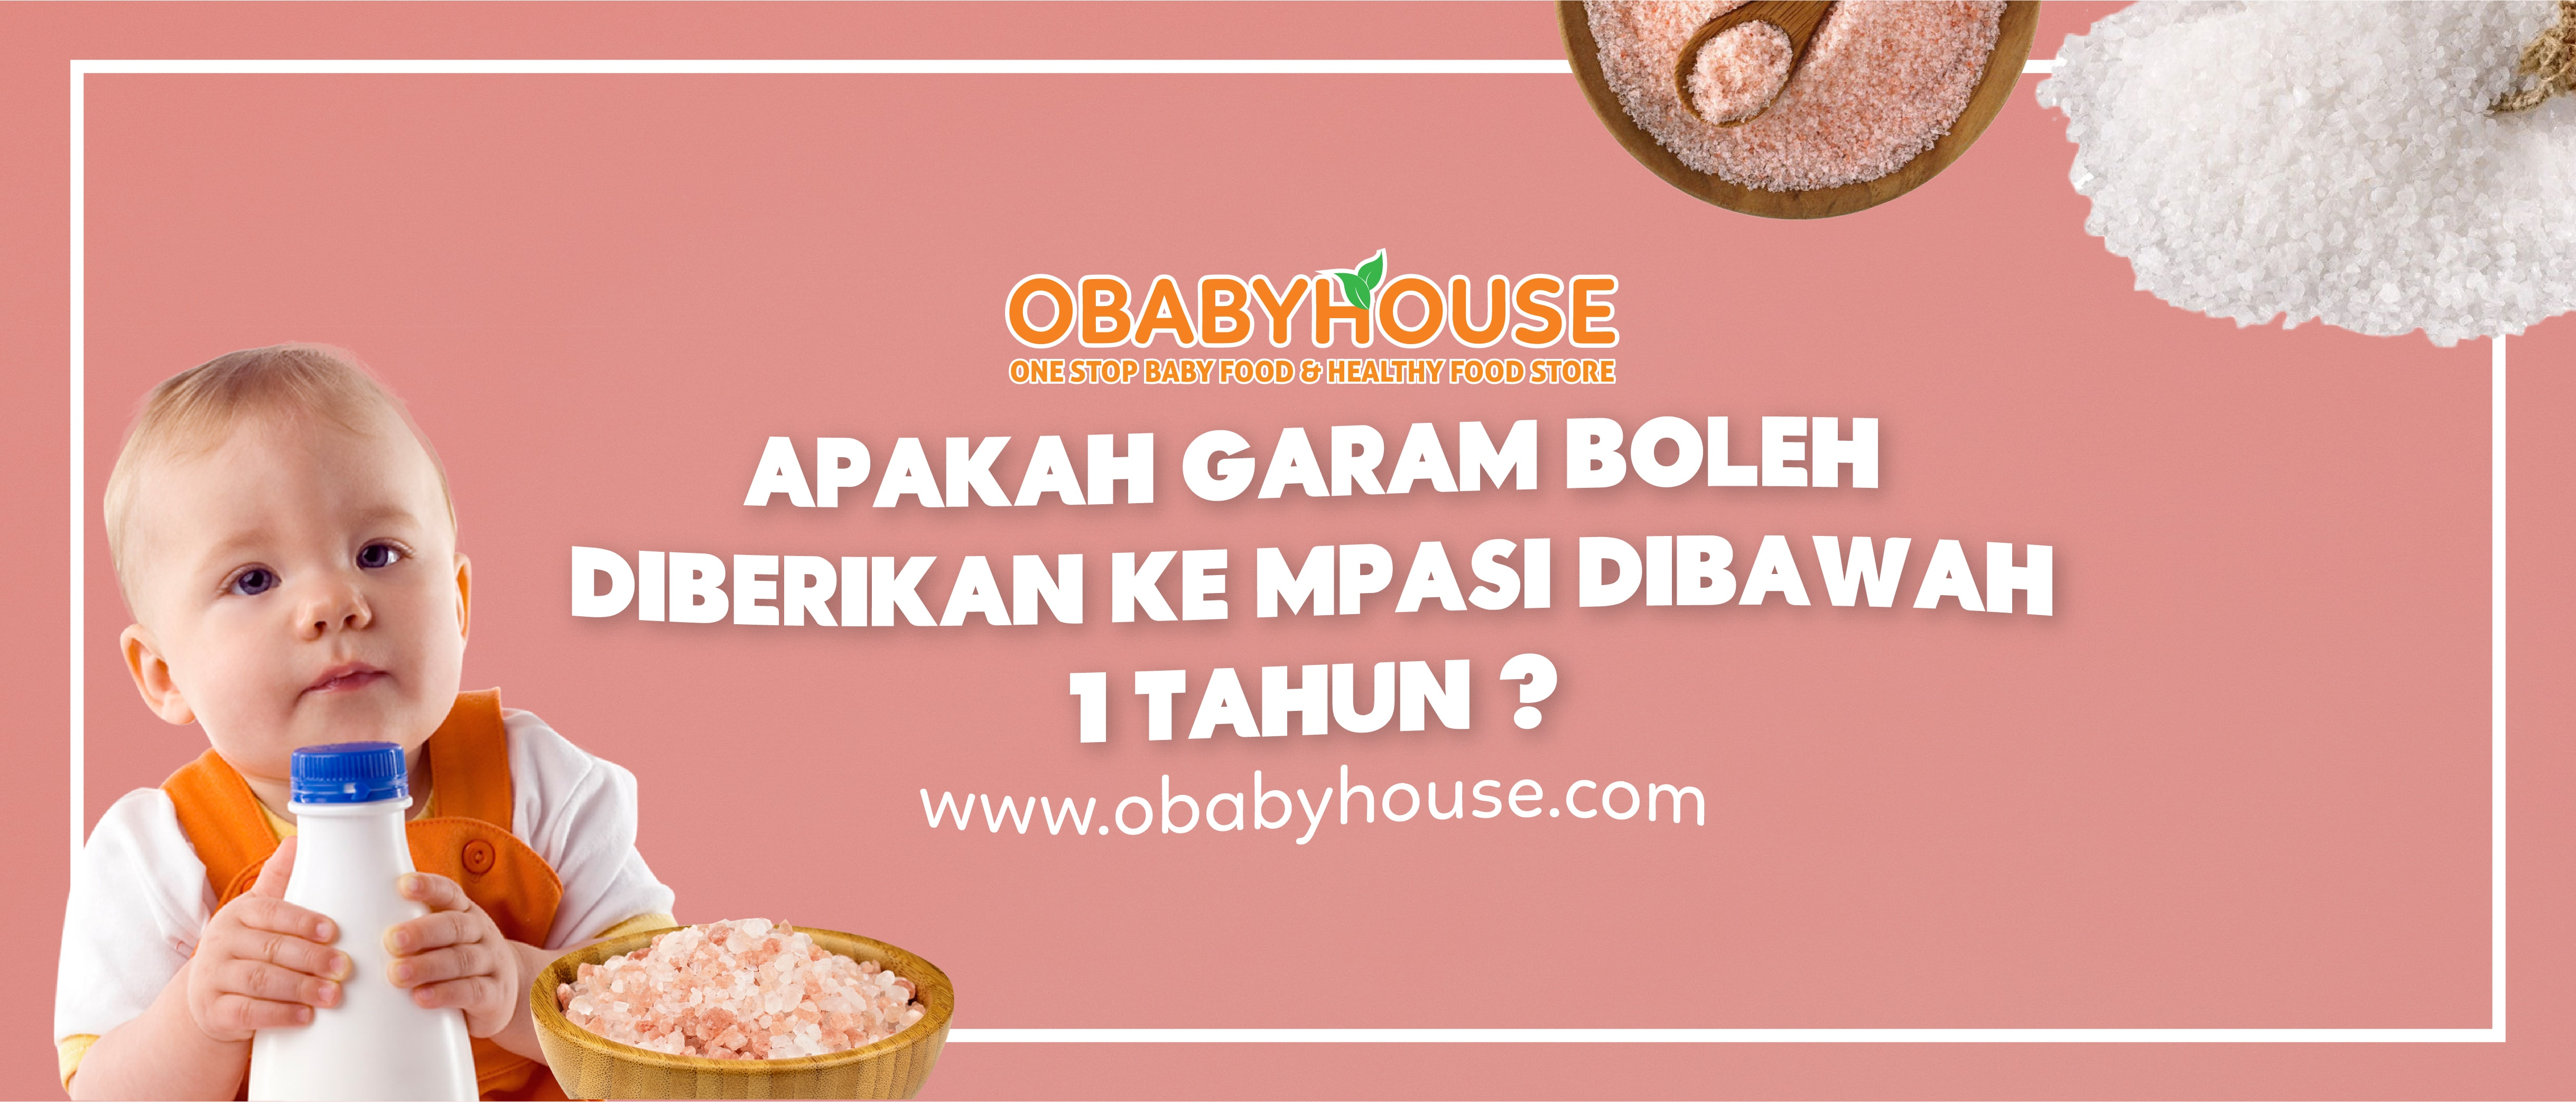 Apakah Garam Boleh Diberikan Ke Mpasi Dibawah 1 Tahun Obabyhouse